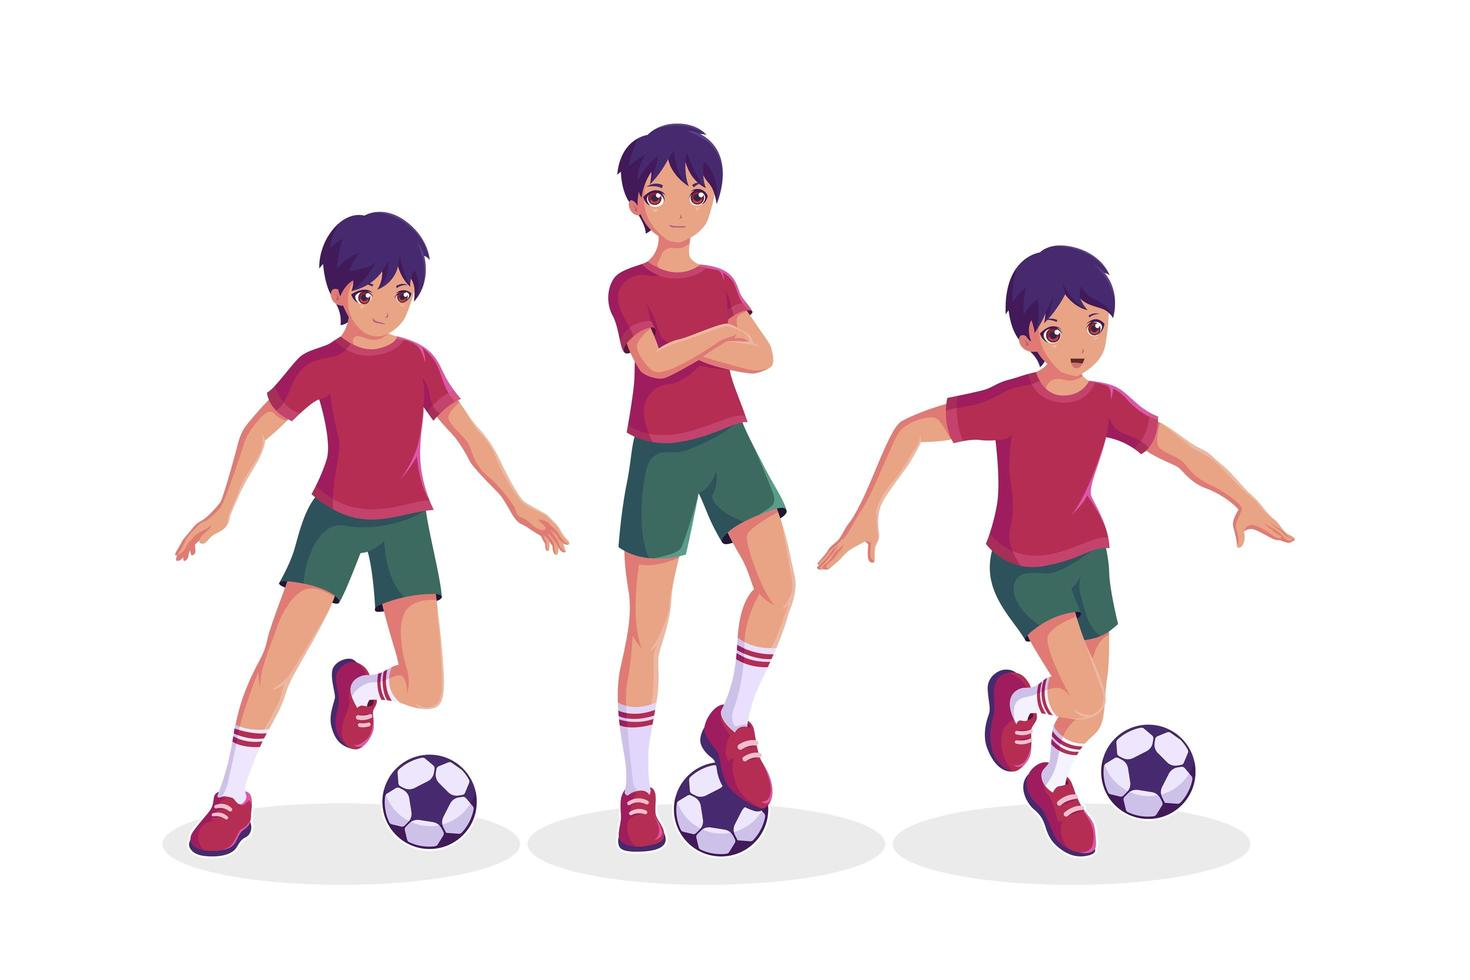 garçon jouant au football vecteur